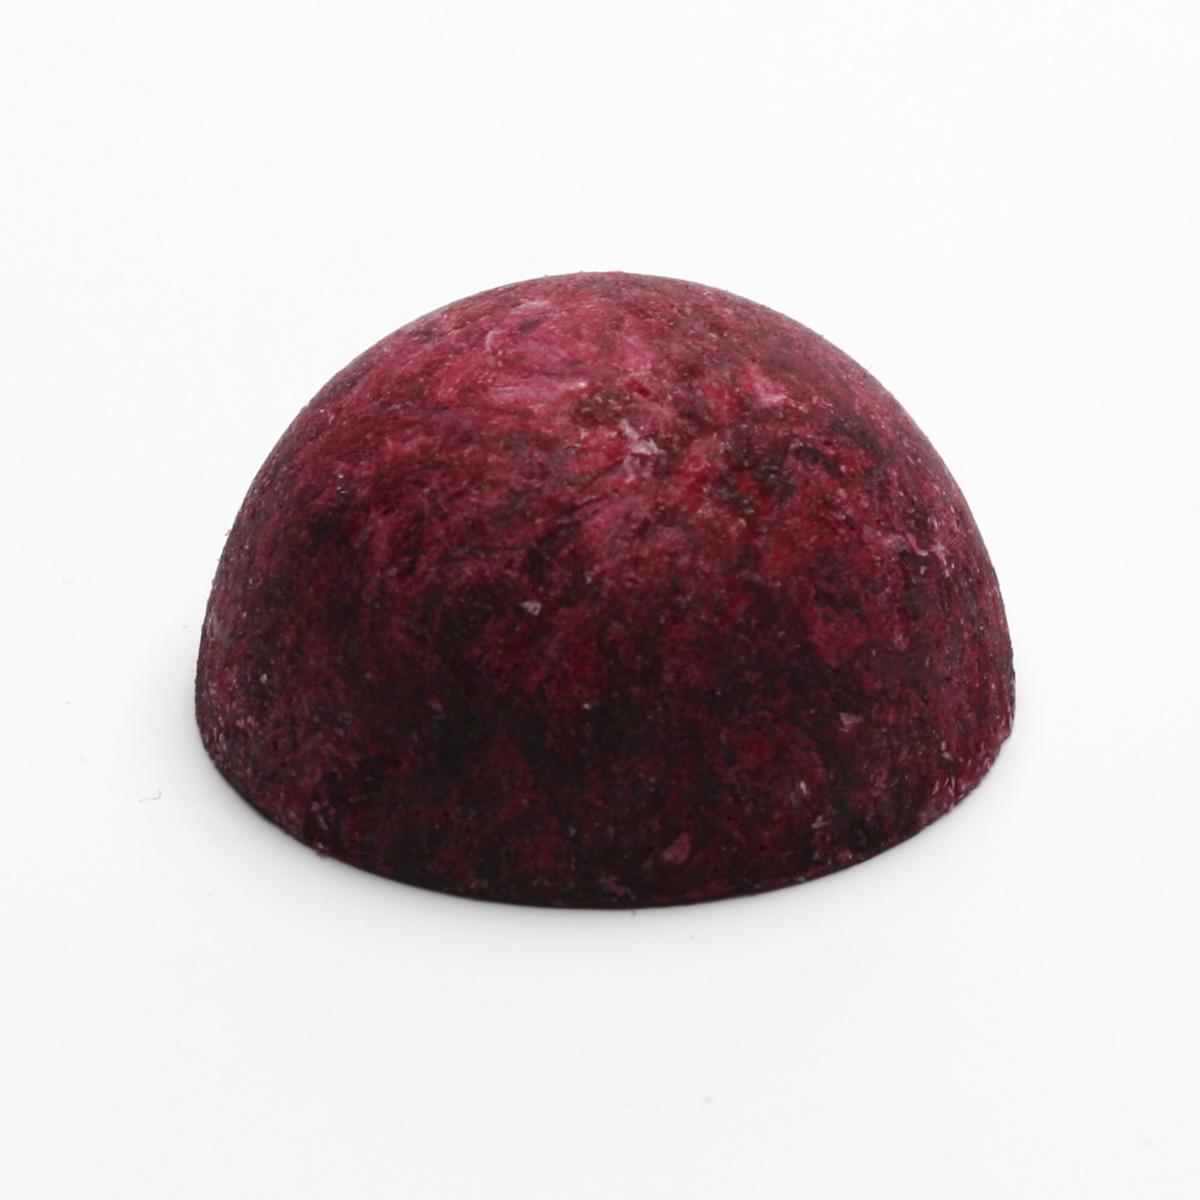 obrázek Vůně do aromalampy Kerzenfarm - červené ovoce bio-7151